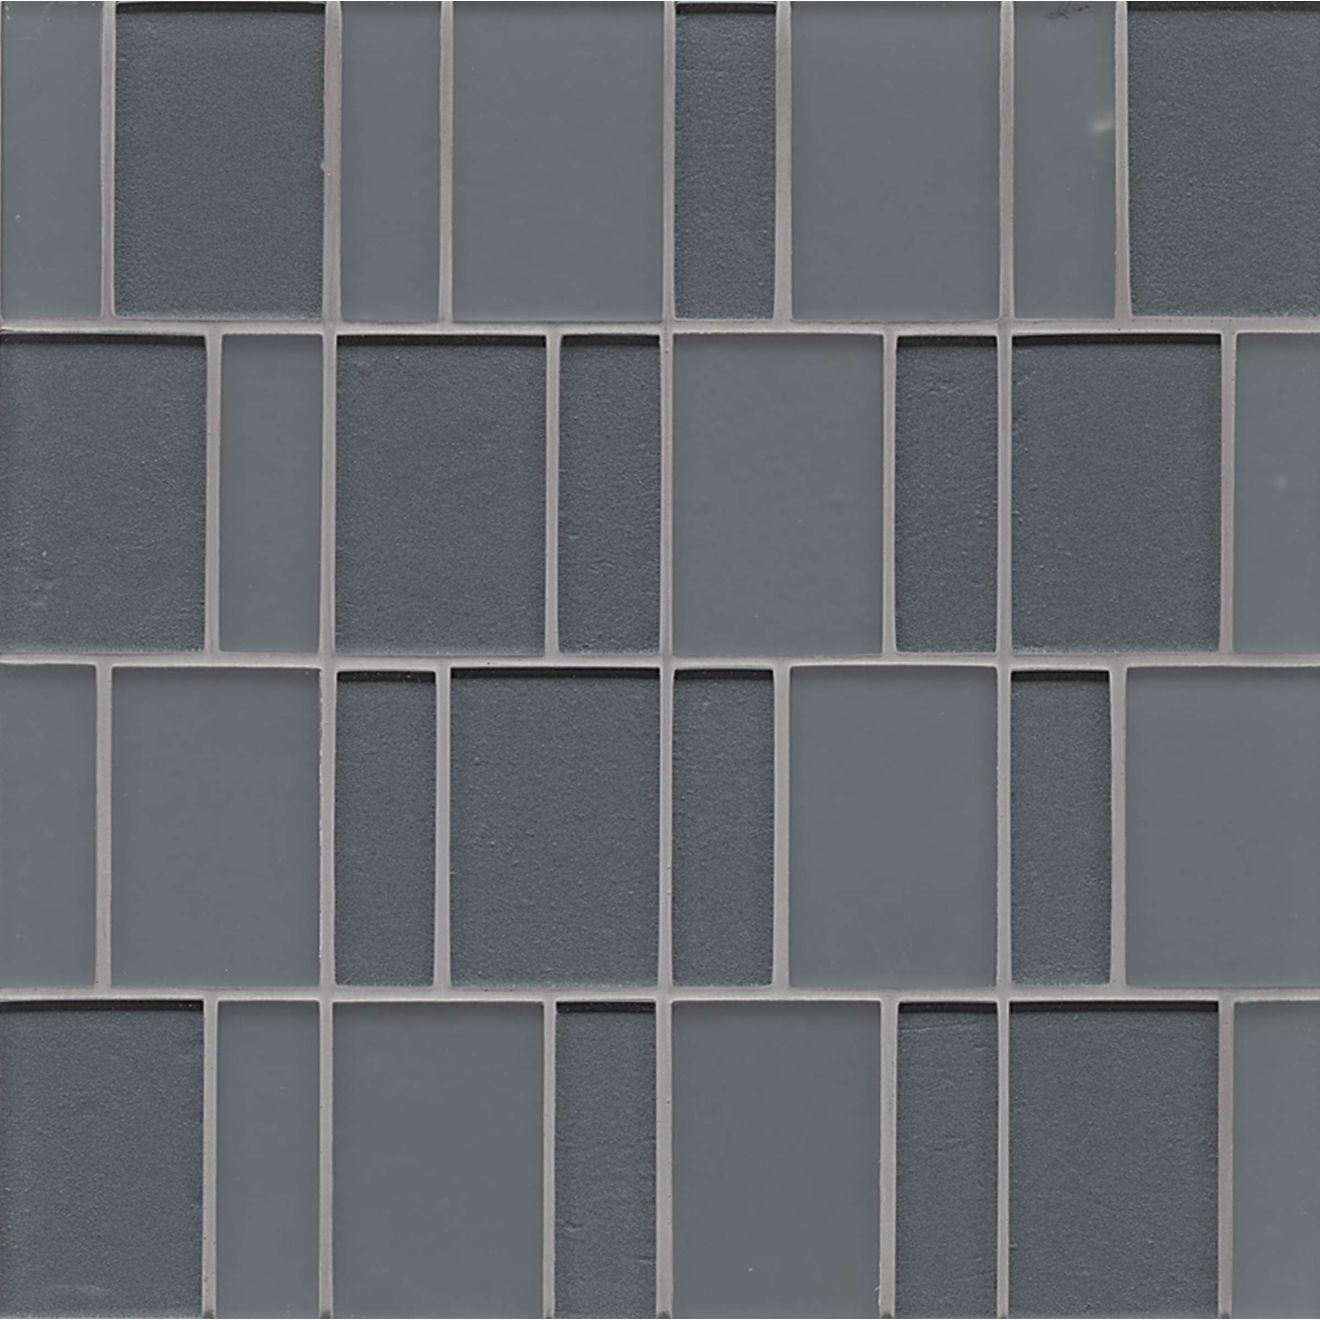 Manhattan Wall Mosaic in Concrete